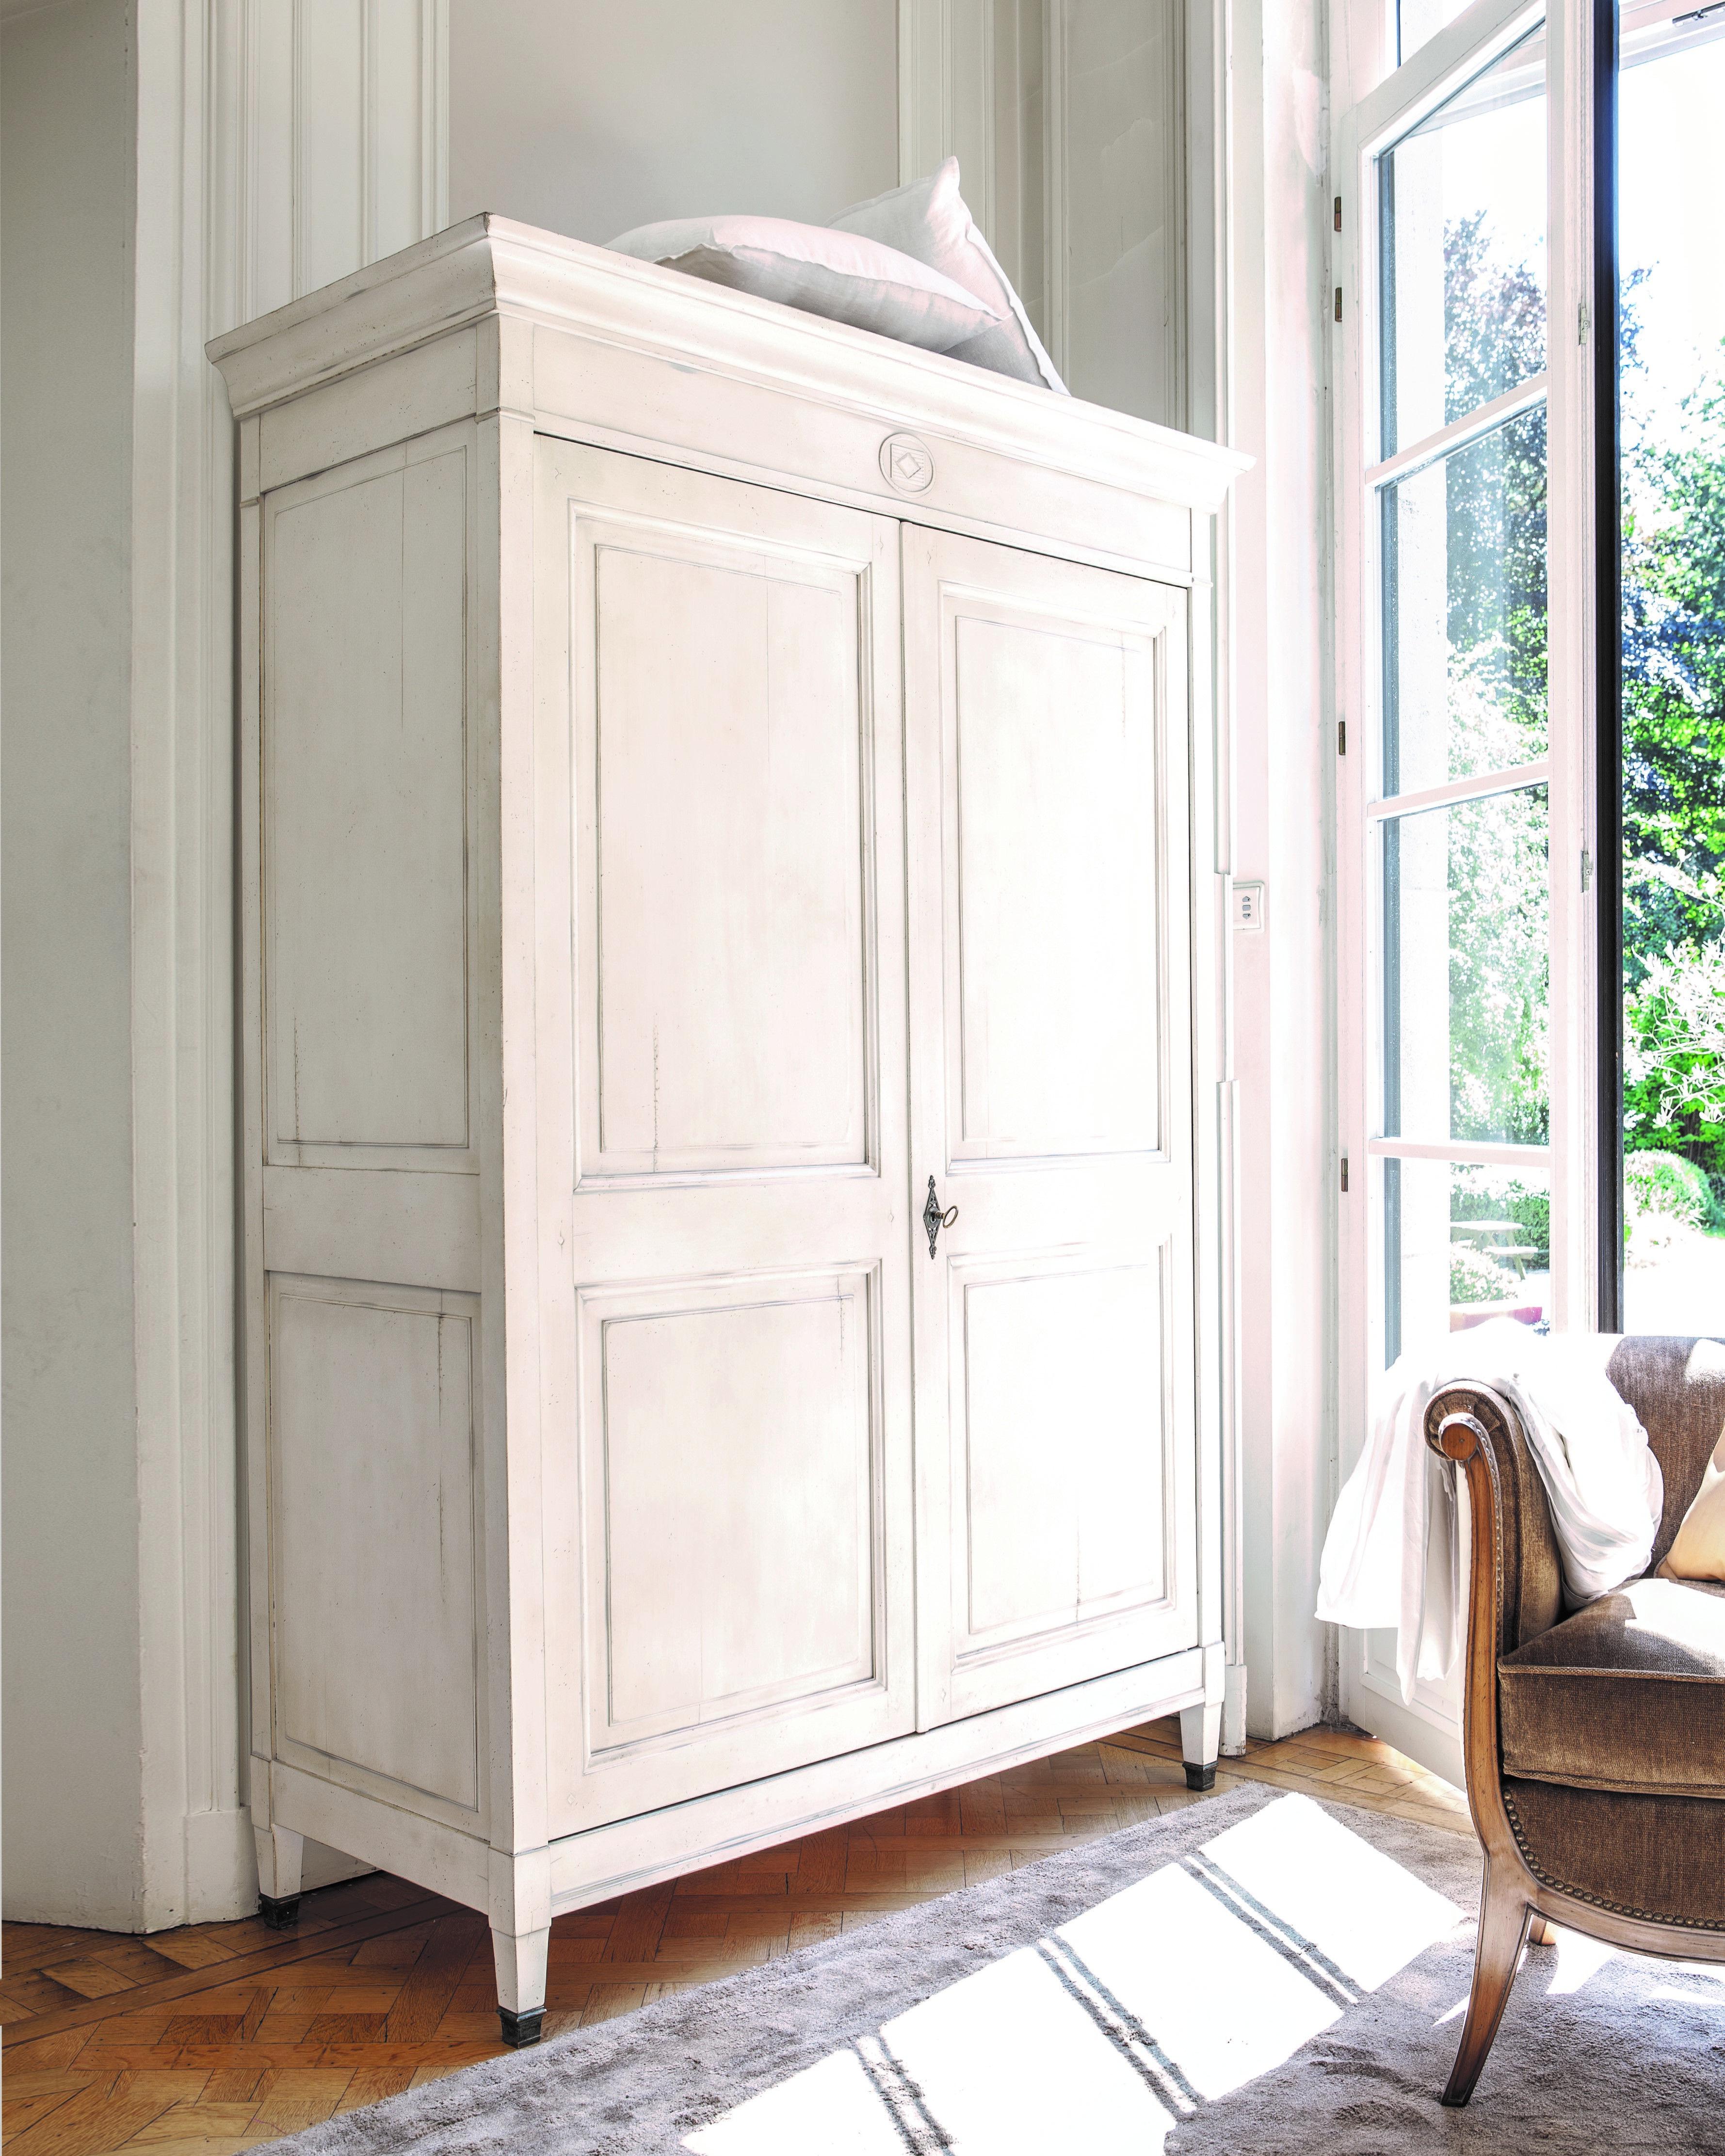 witte kledingkast  kledingkast ideen  slaapkamer